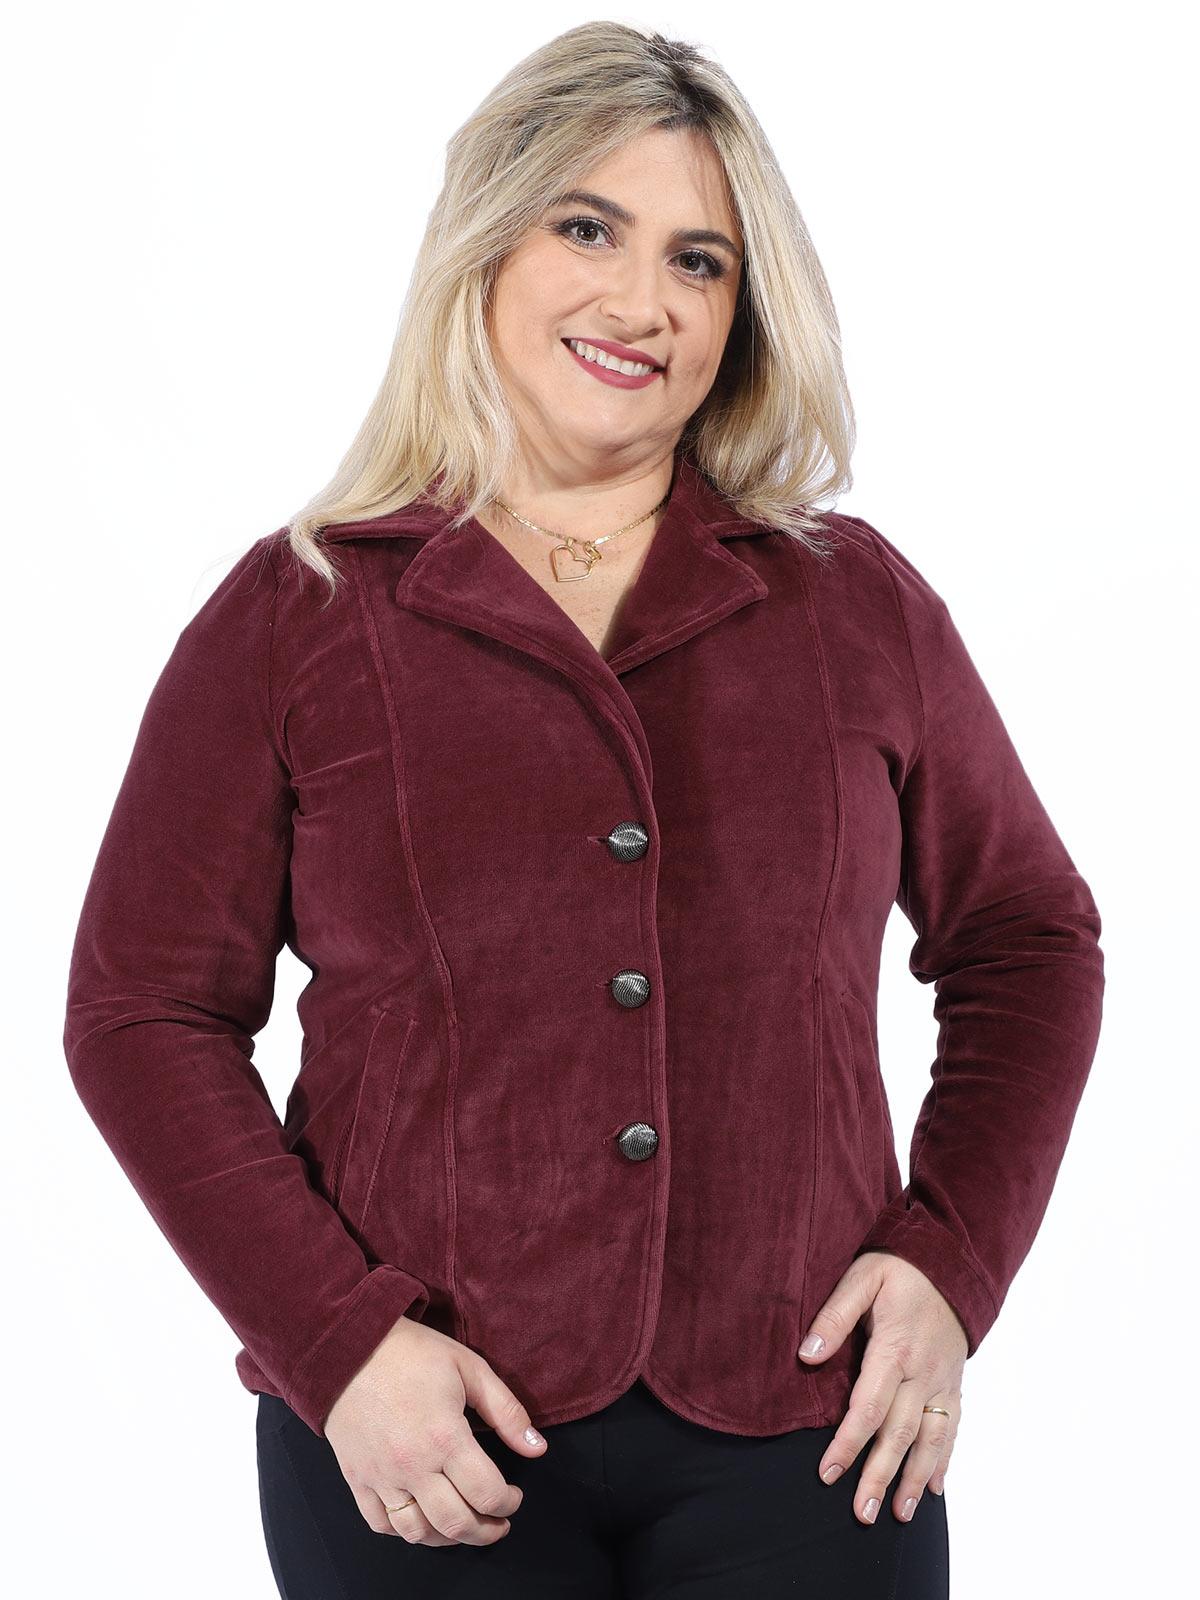 Casaco Plus Size Feminino de Plush Bordo